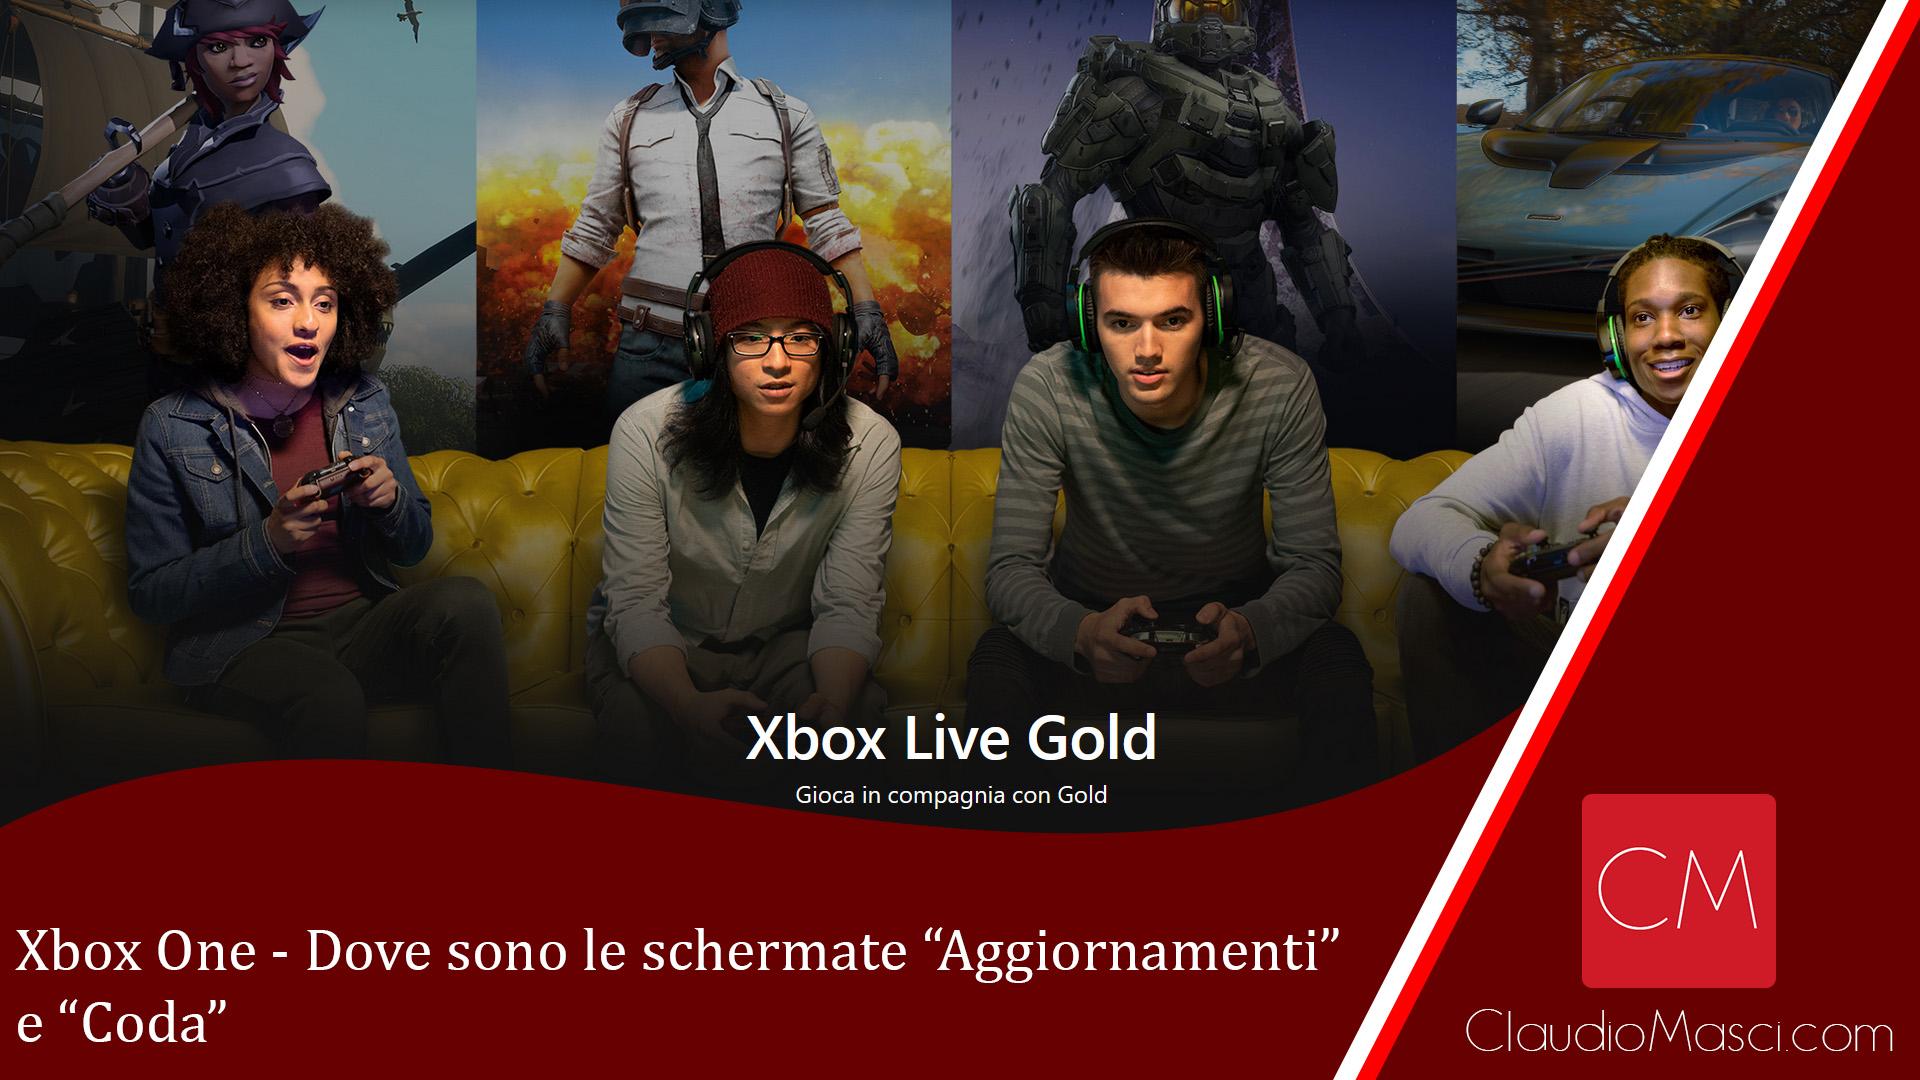 Xbox One – Dove sono Aggiornamenti e Coda